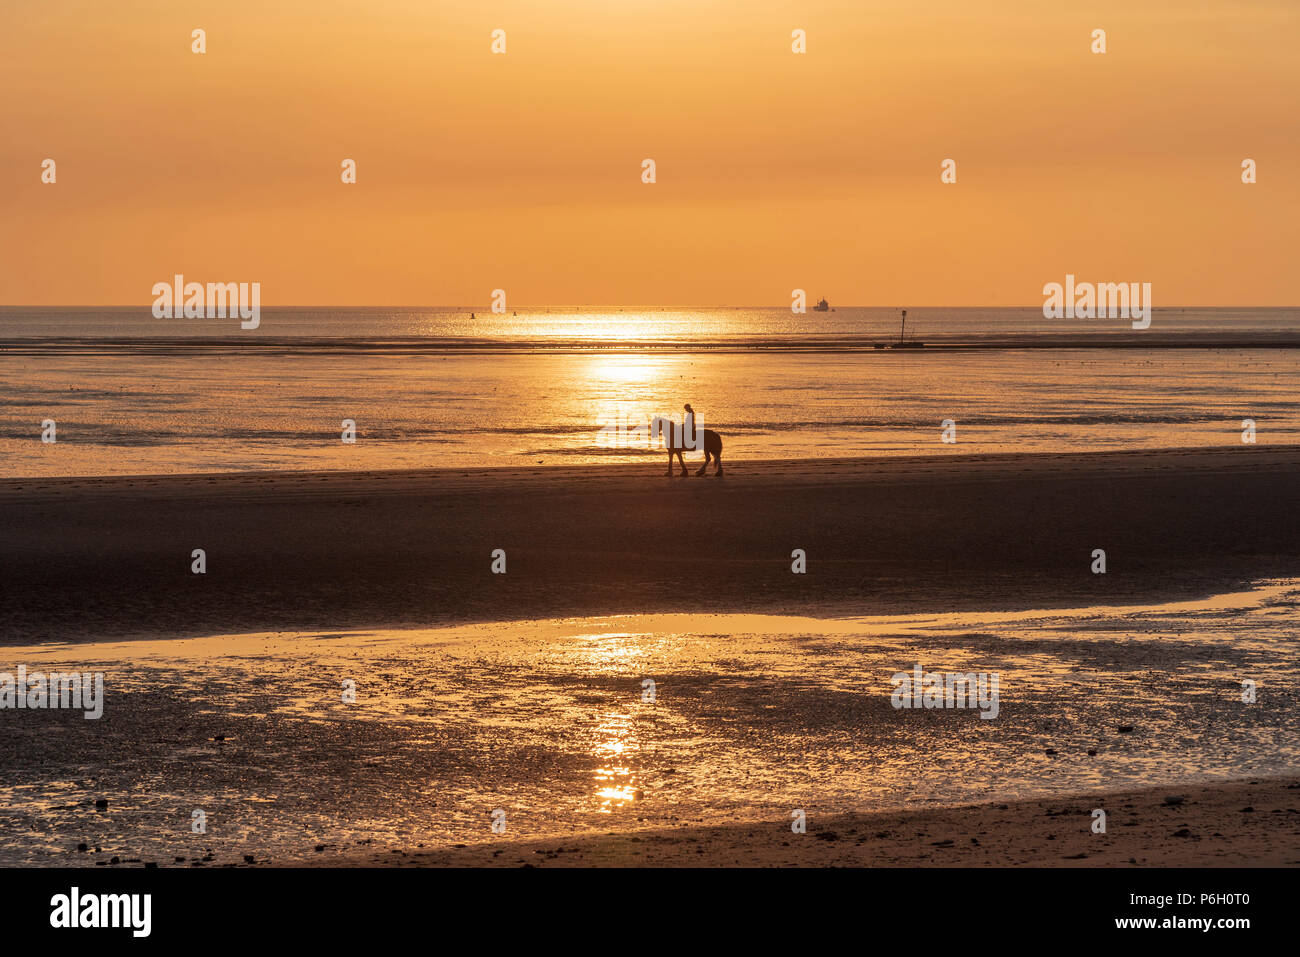 La puesta de sol. Crosby beach. Liverpool, Noroeste de Inglaterra. Jinete solitario. Imagen De Stock